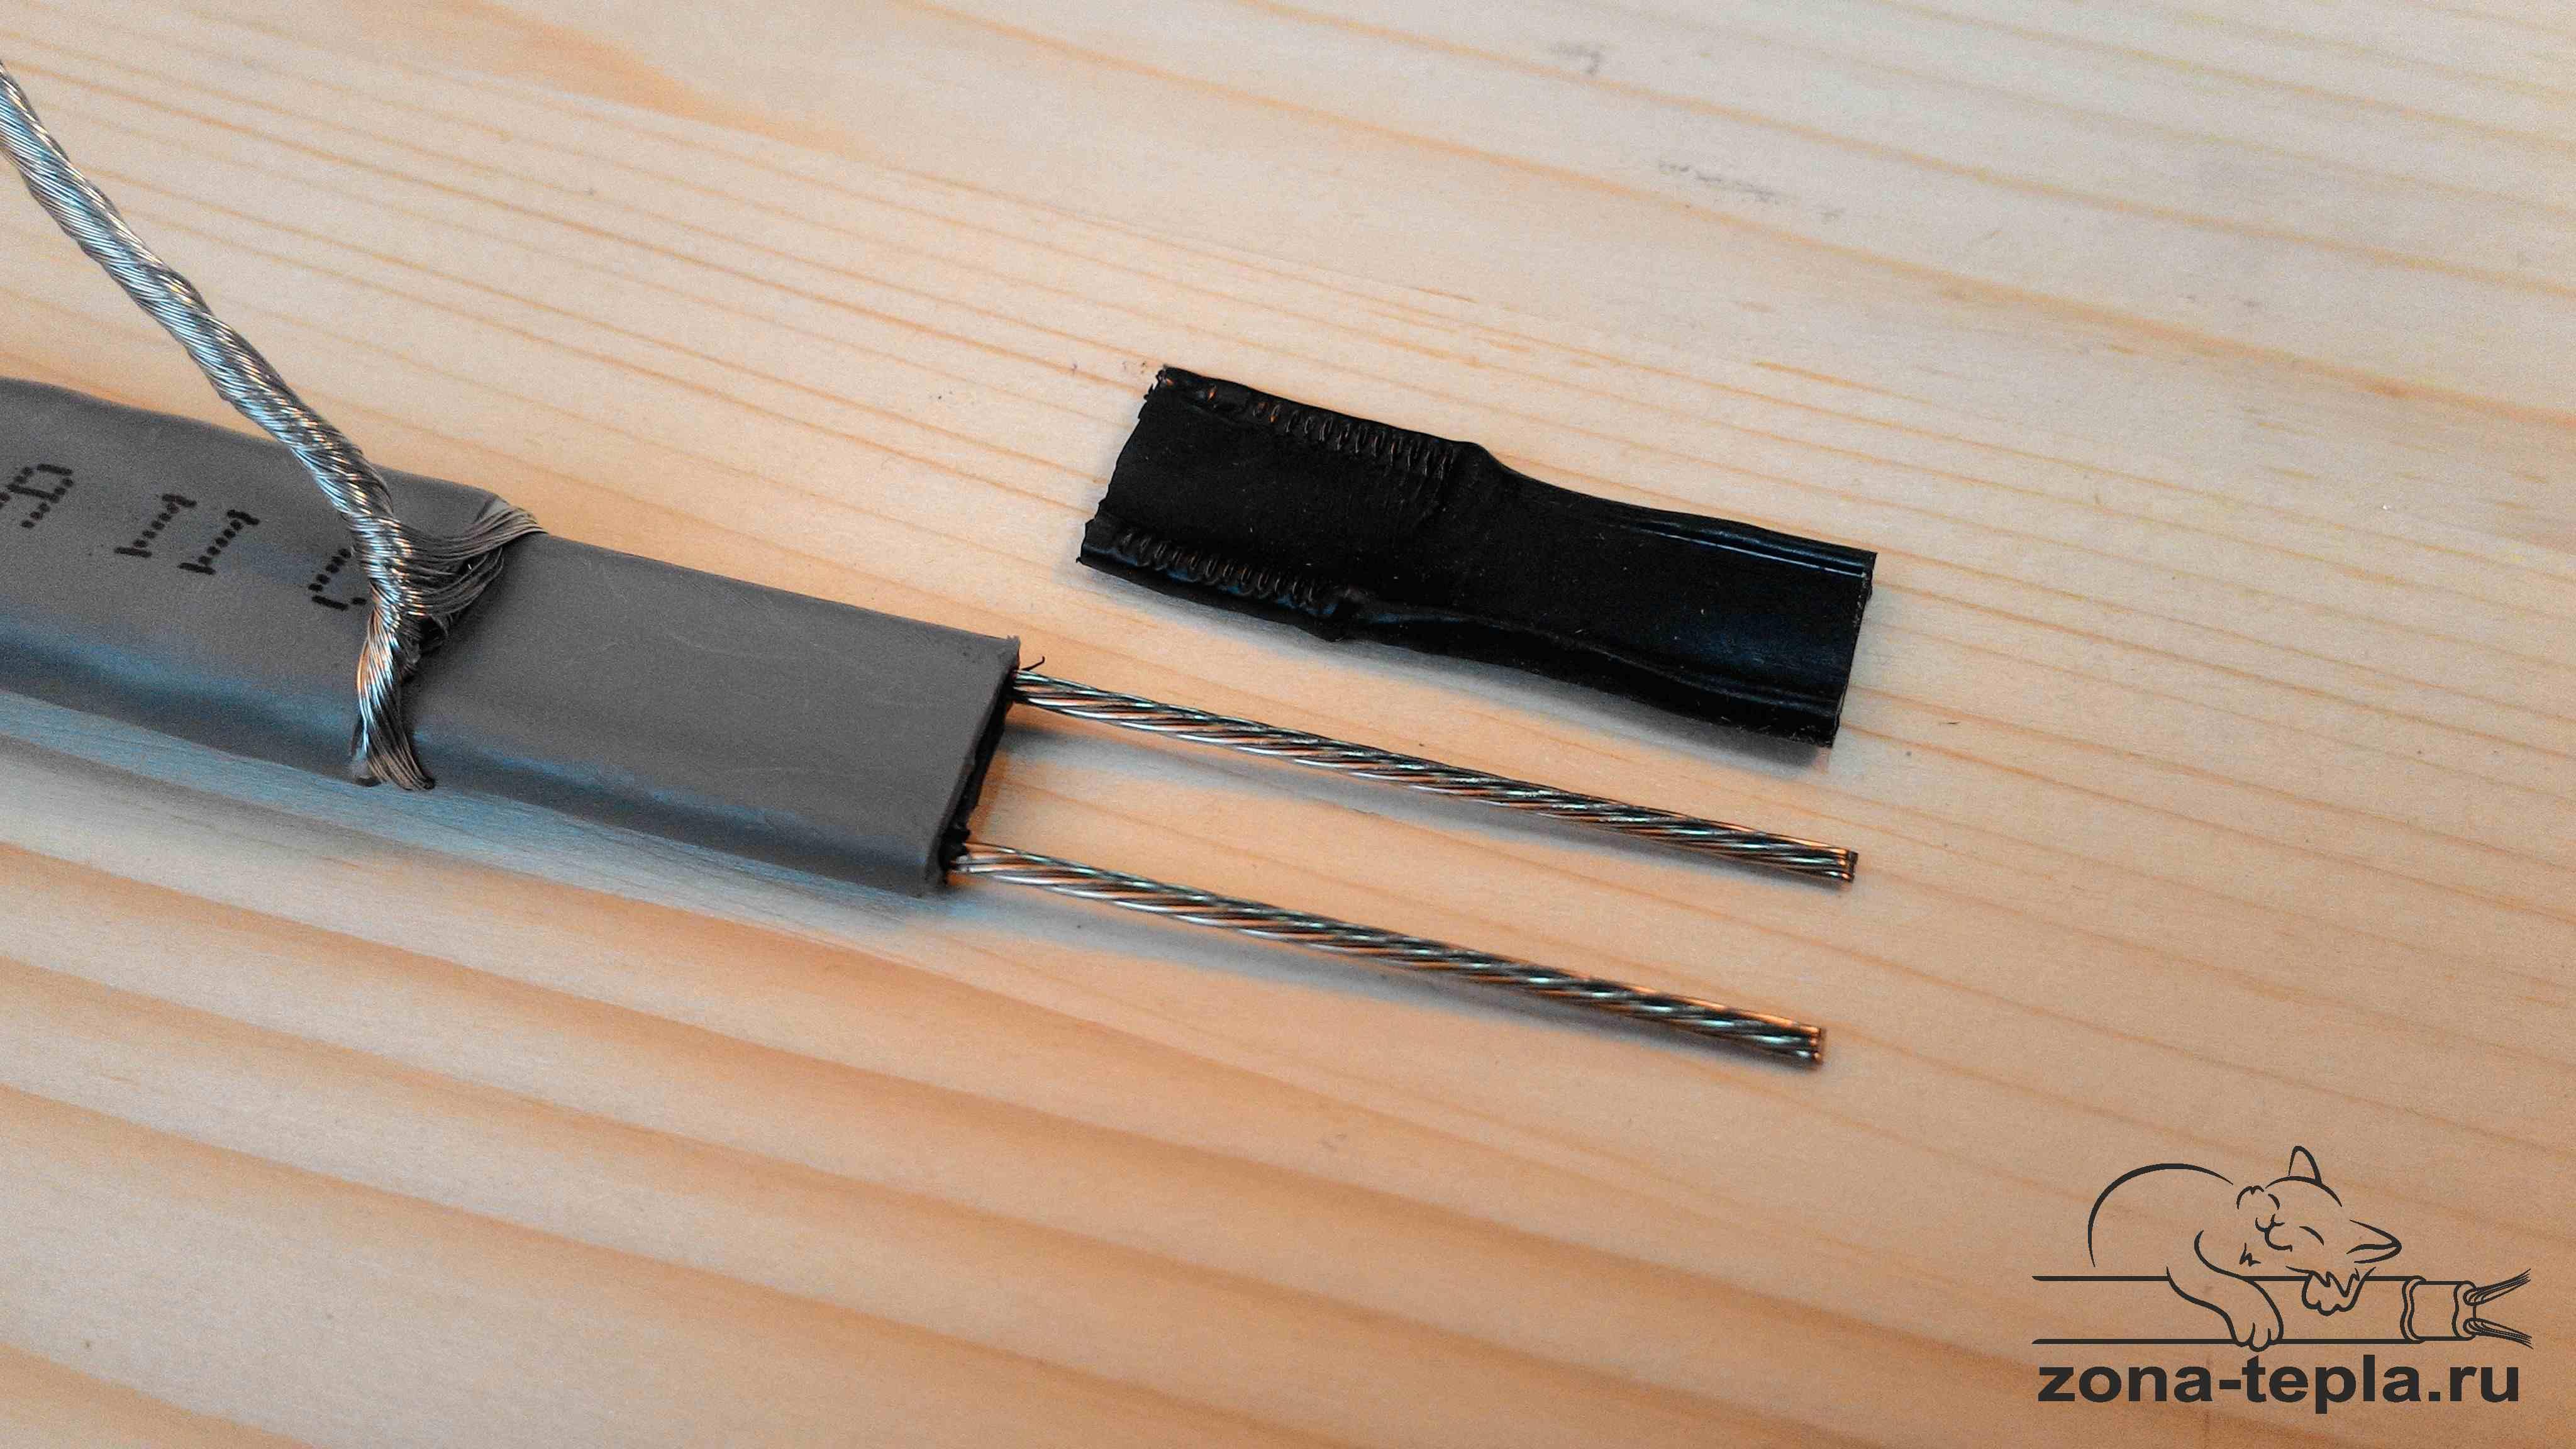 Подключение саморегулирующего греющего кабеля. 12-матрица должна сниматься легко